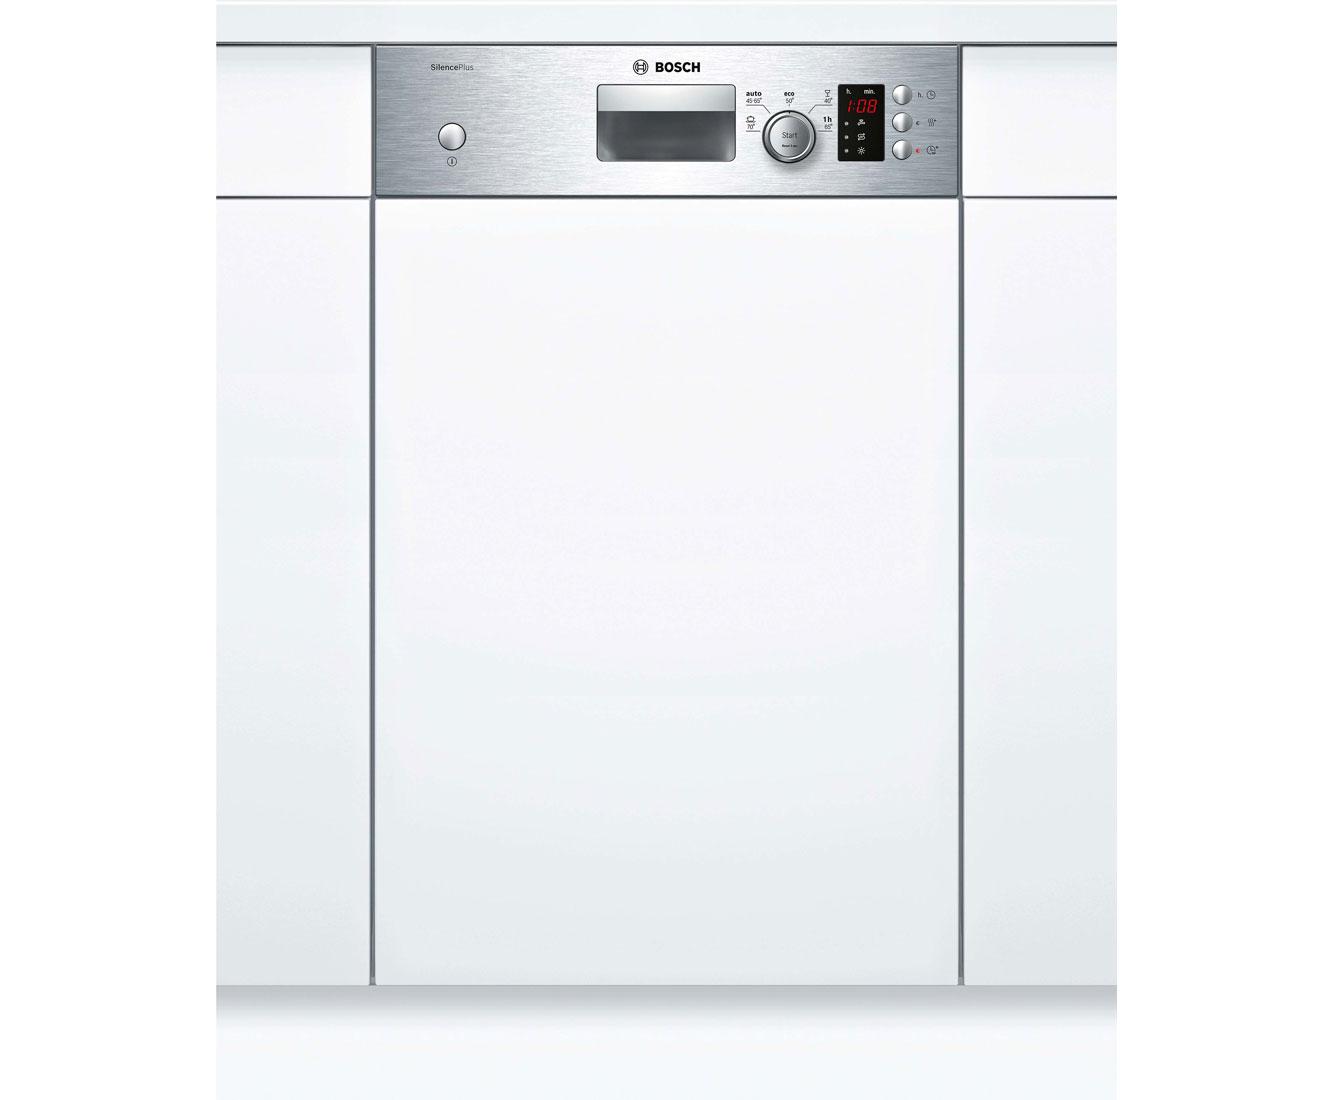 Bosch Serie 2 SPI25CS03E Geschirrspüler 45 cm - Edelstahl | Küche und Esszimmer > Küchenelektrogeräte > Gefrierschränke | Edelstahl | Bosch